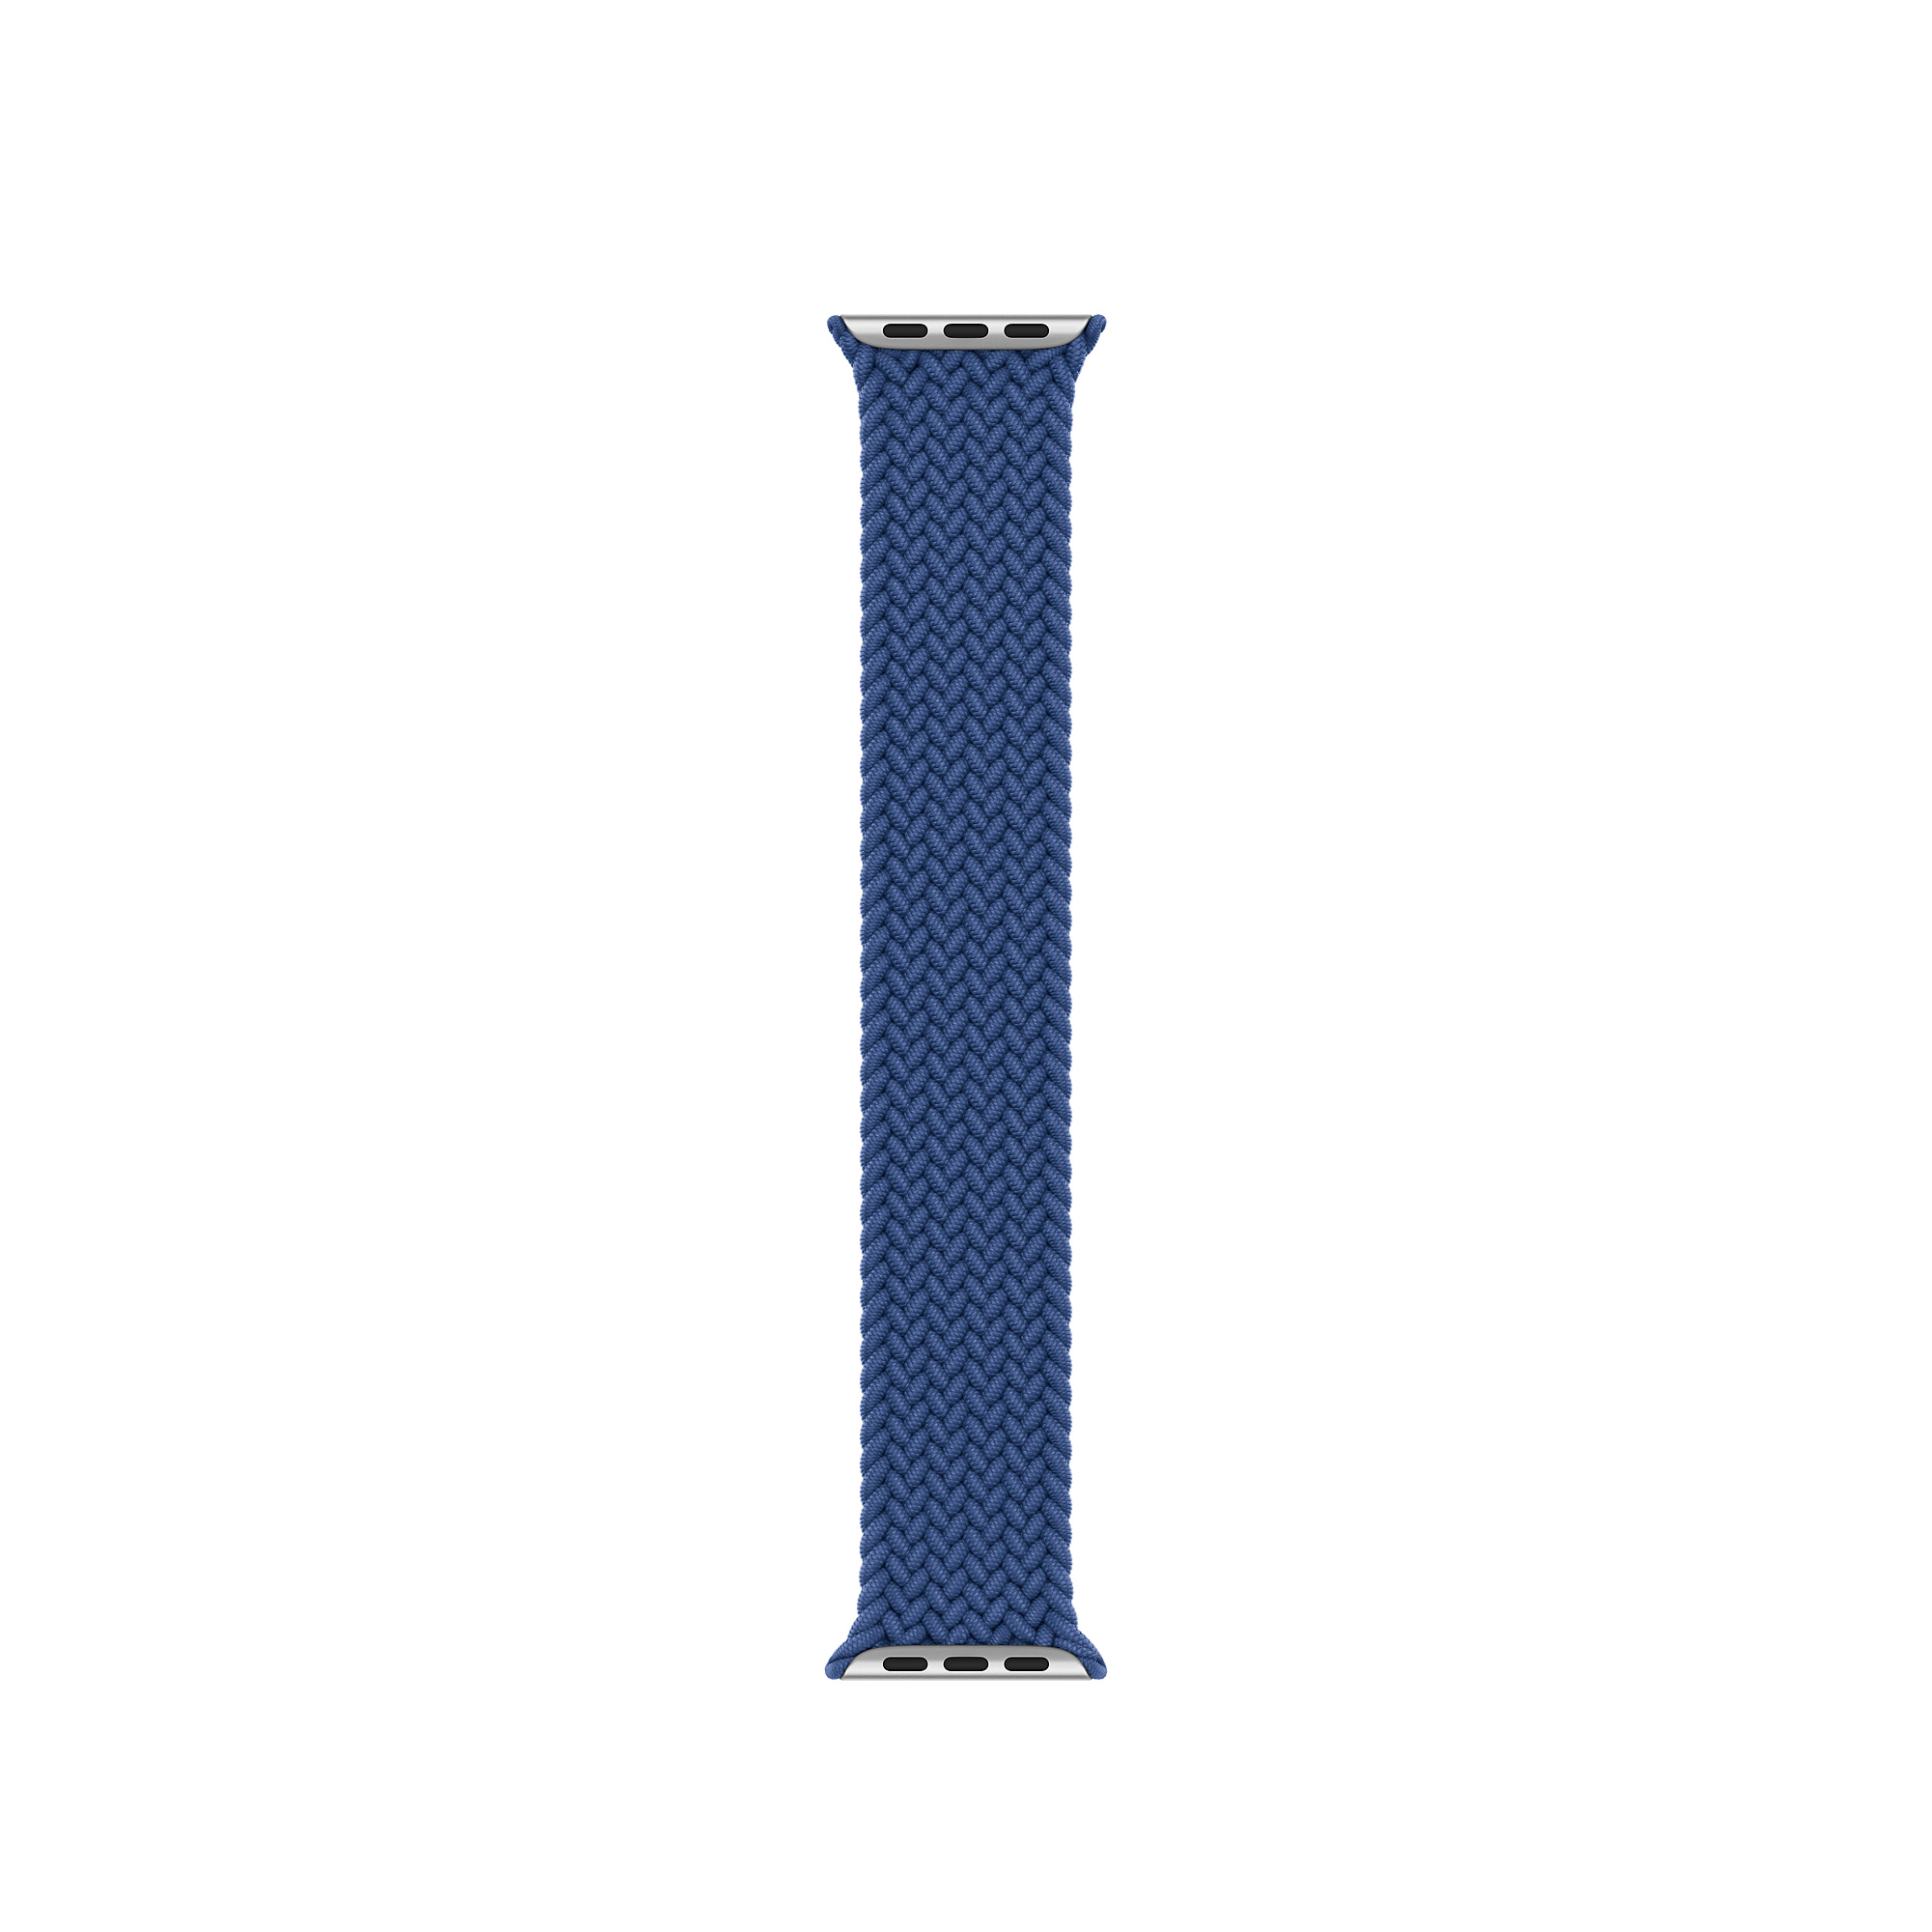 Pulseira LOOP Nylon Trançado Azul 42/44mm L